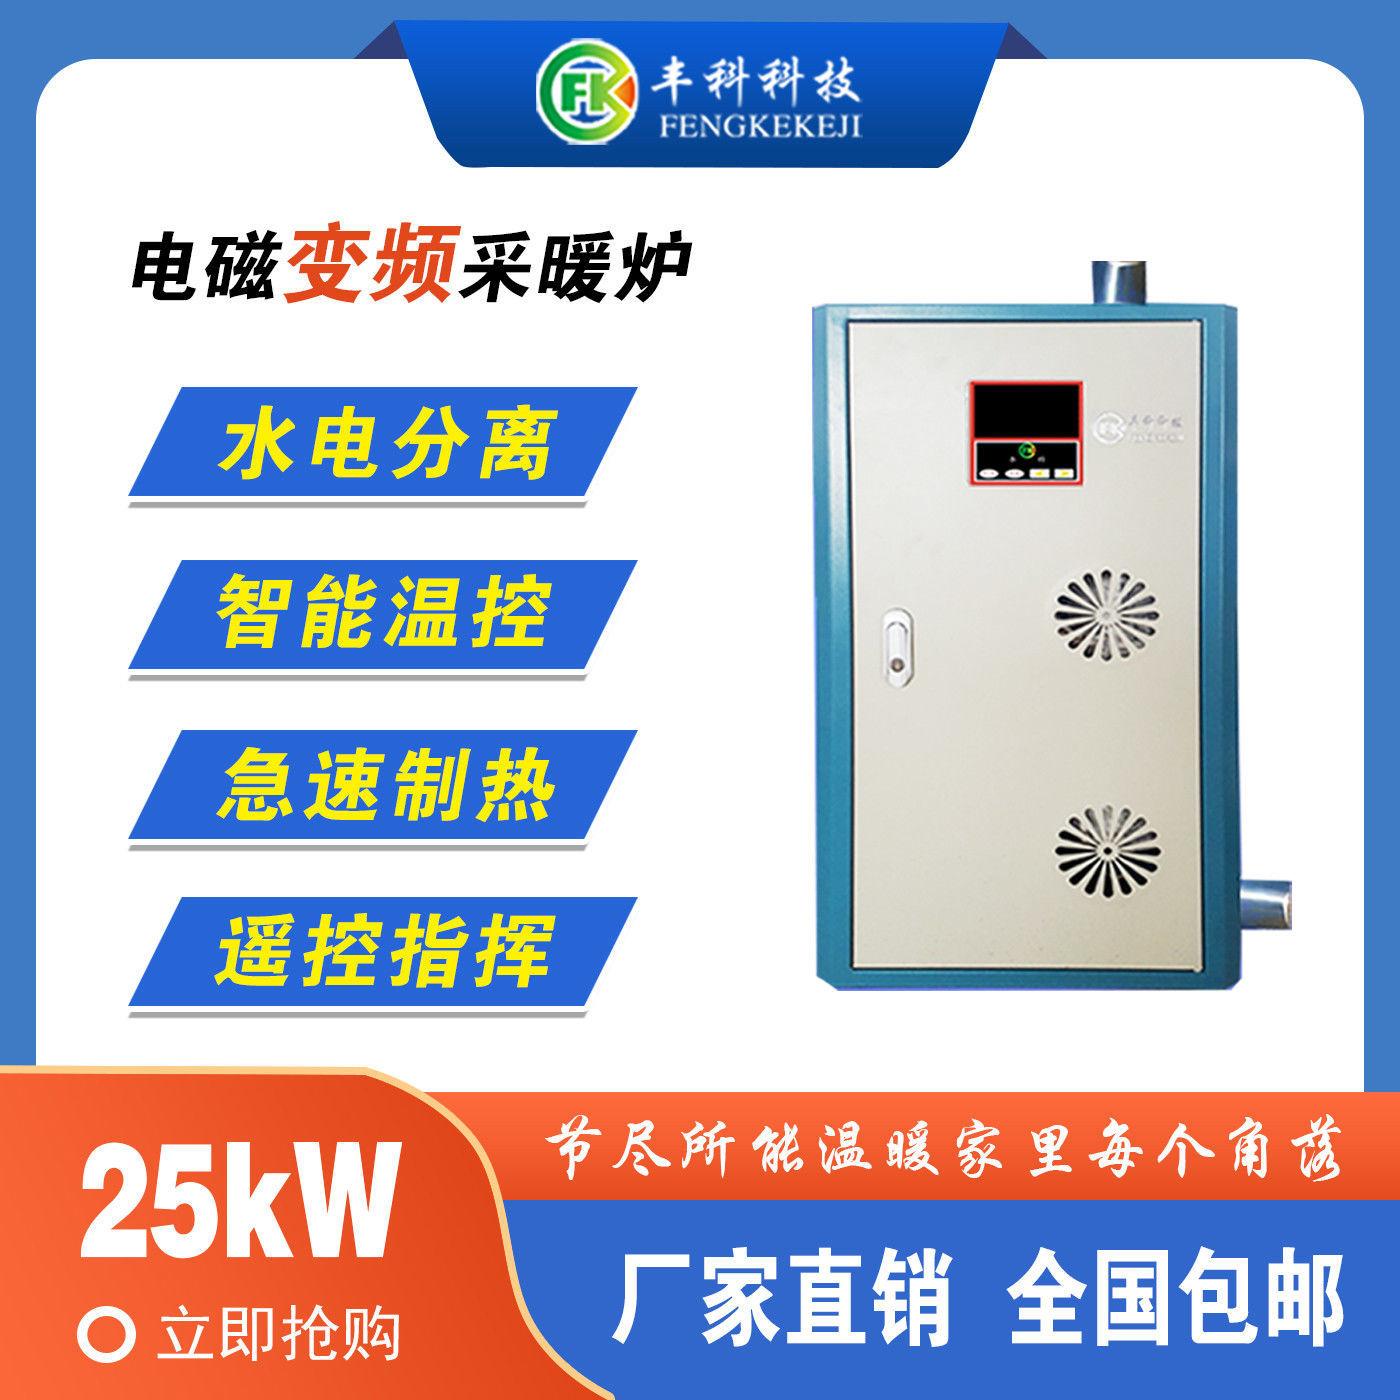 380电压25kW丰科变频电磁采暖炉环保节能家用取暖器